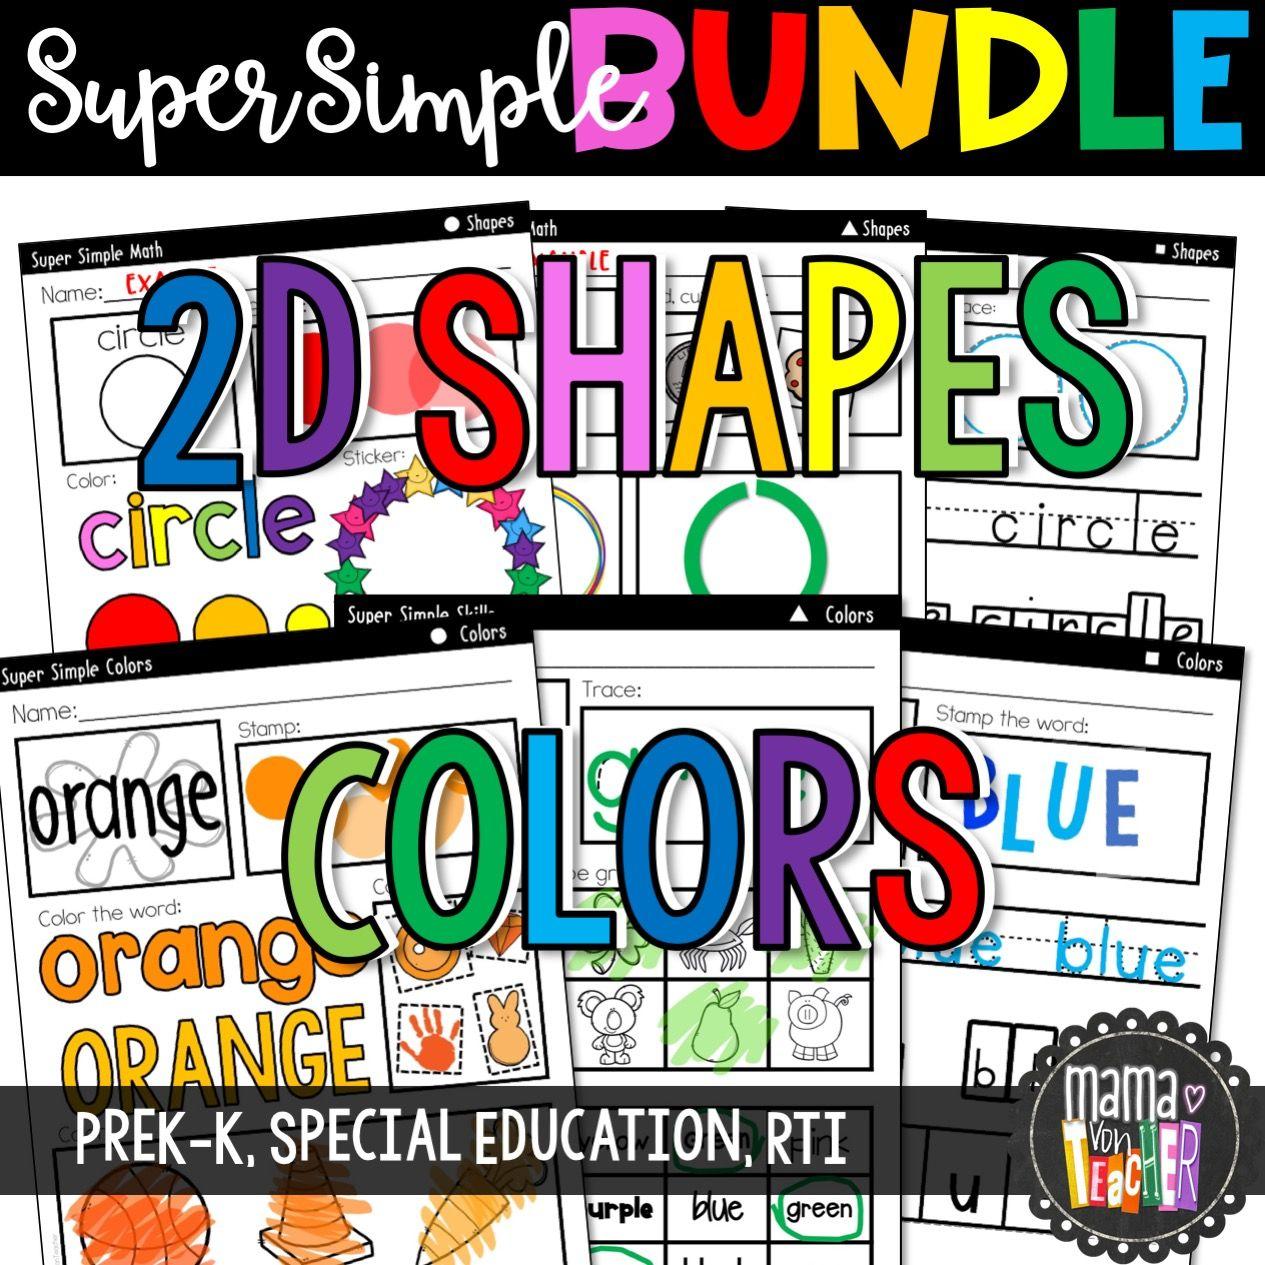 Super Simple Bundle Numbers 2d Shapes Letters Colors